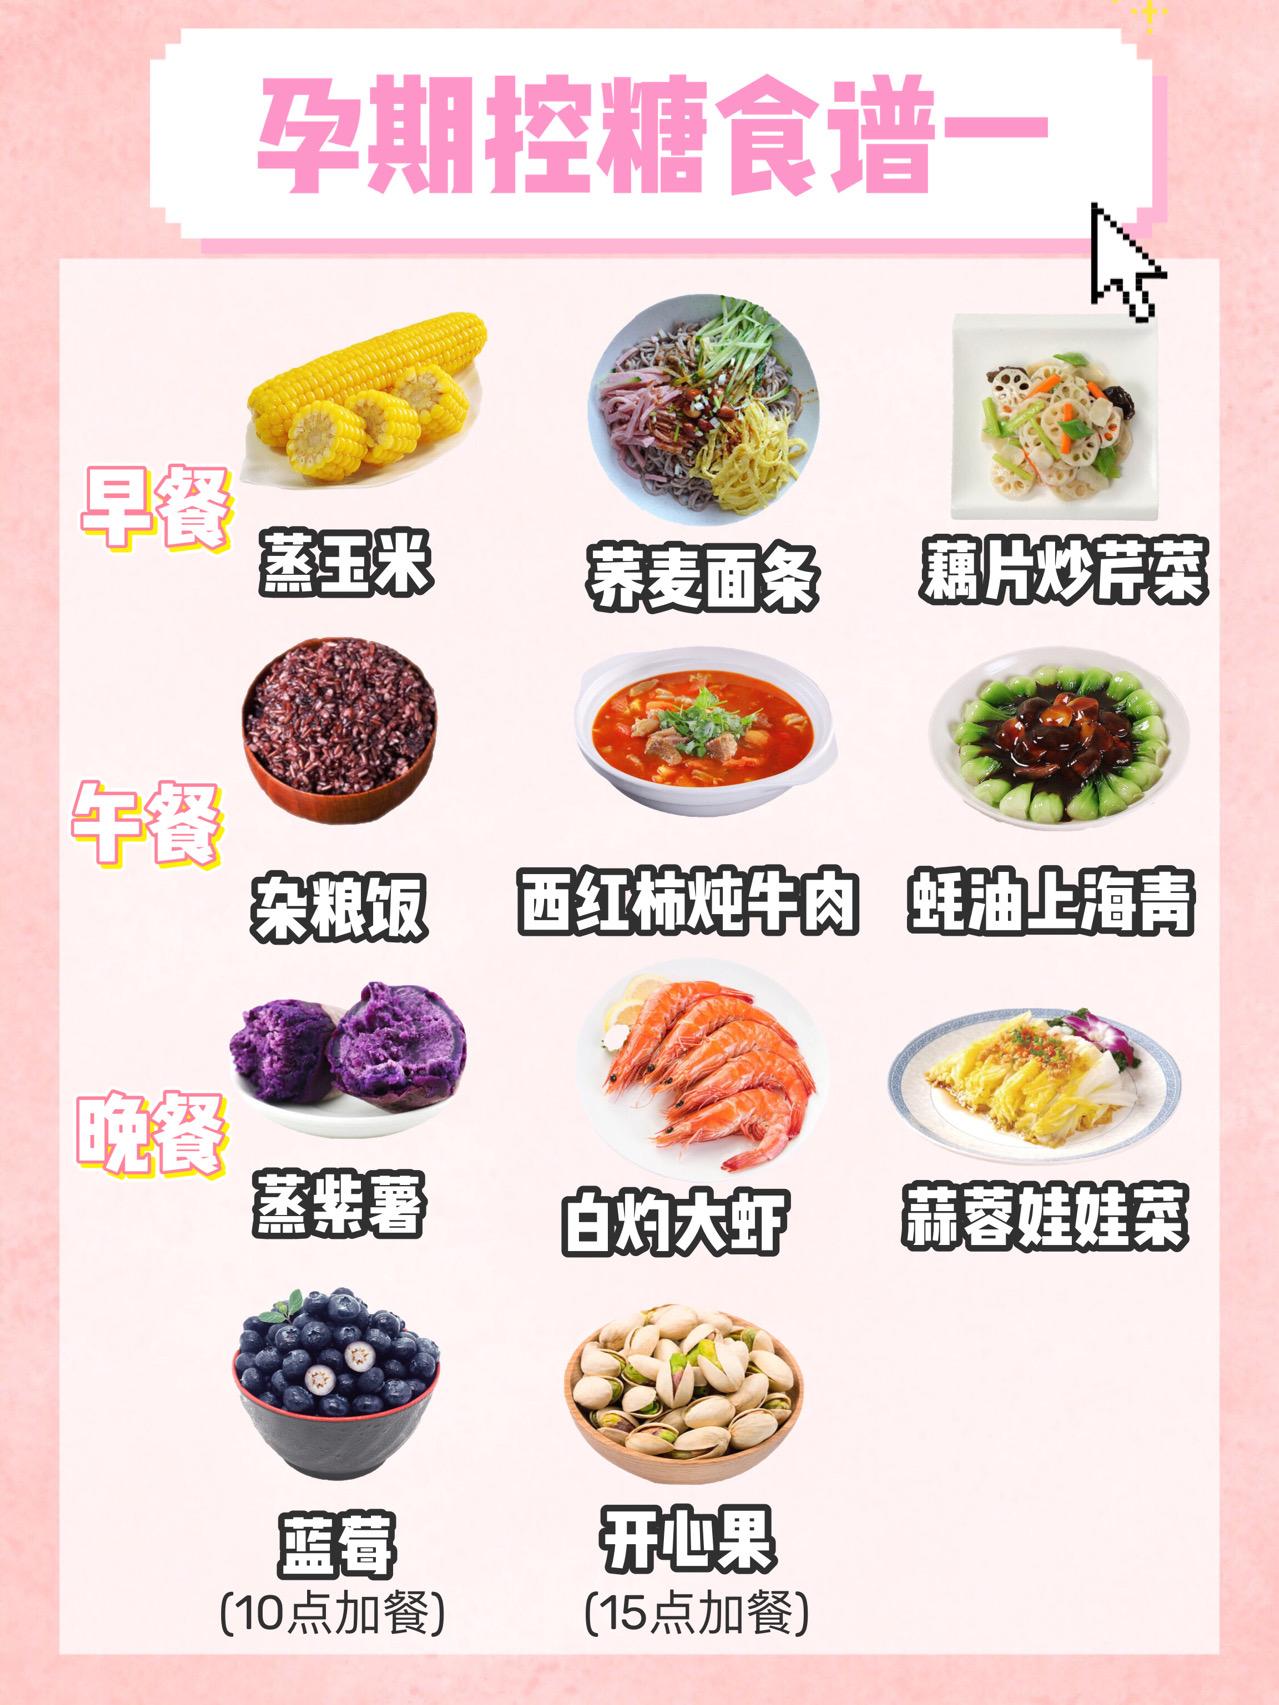 孕期控糖食谱,长胎不长肉,满满的干货 孕妇菜谱 第1张